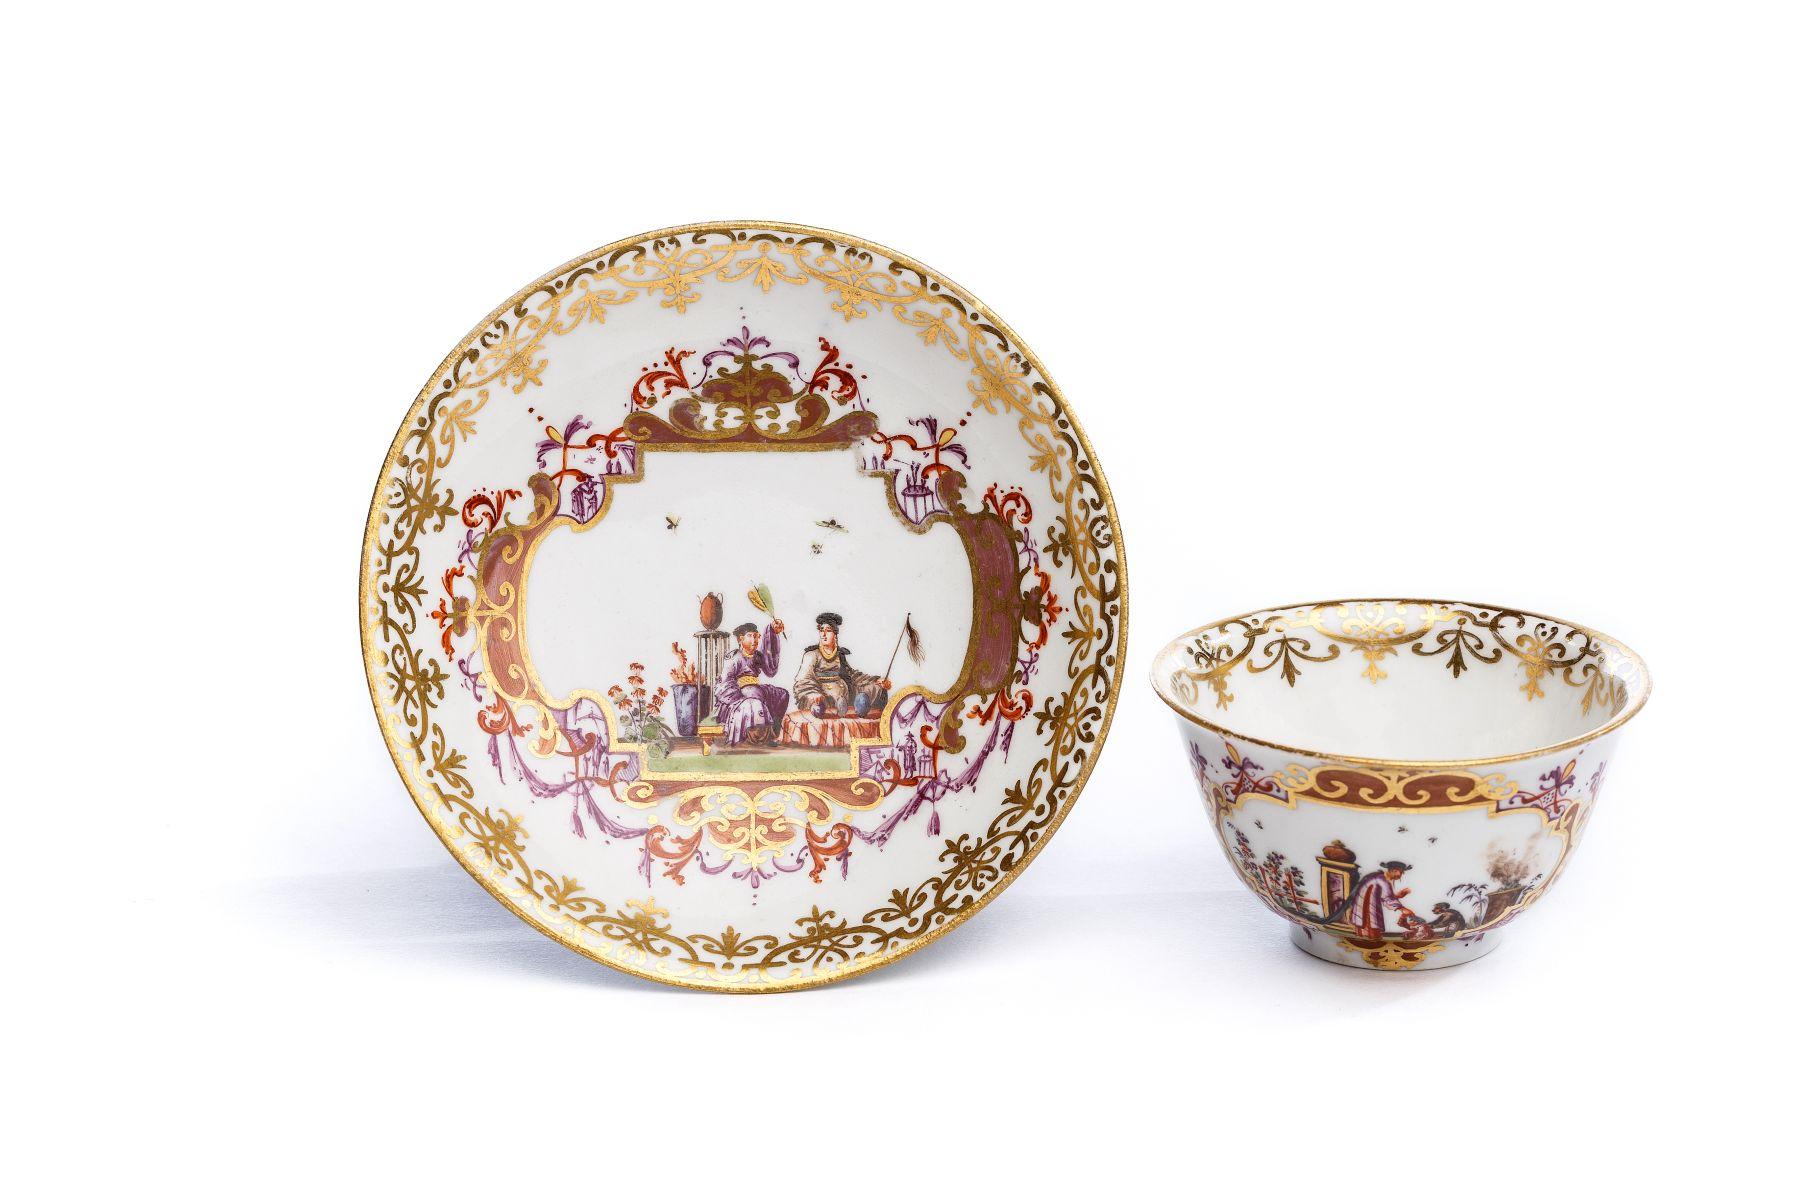 #34 Bowl with saucer, Meissen 1720/25 | Koppchen mit Unterschale, Meissen 1730 Image